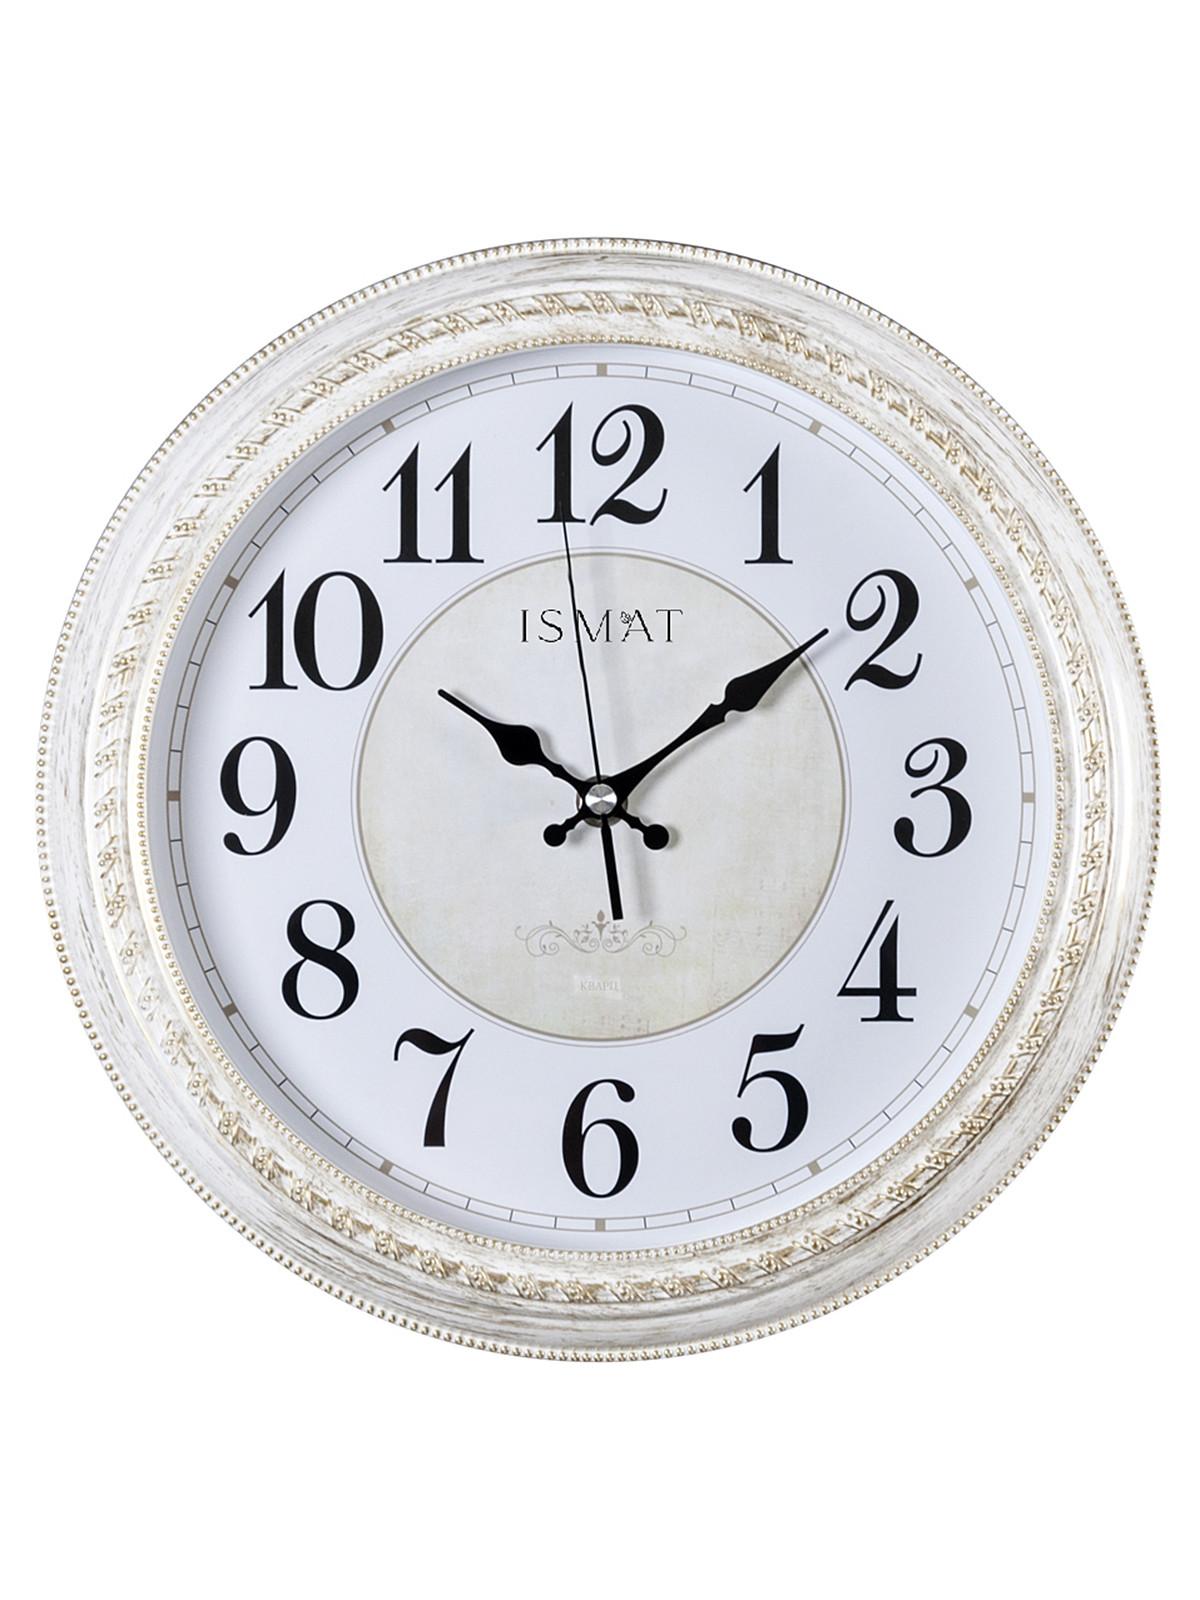 Часы настенные круг d=28,5см, корпус белый с золотом